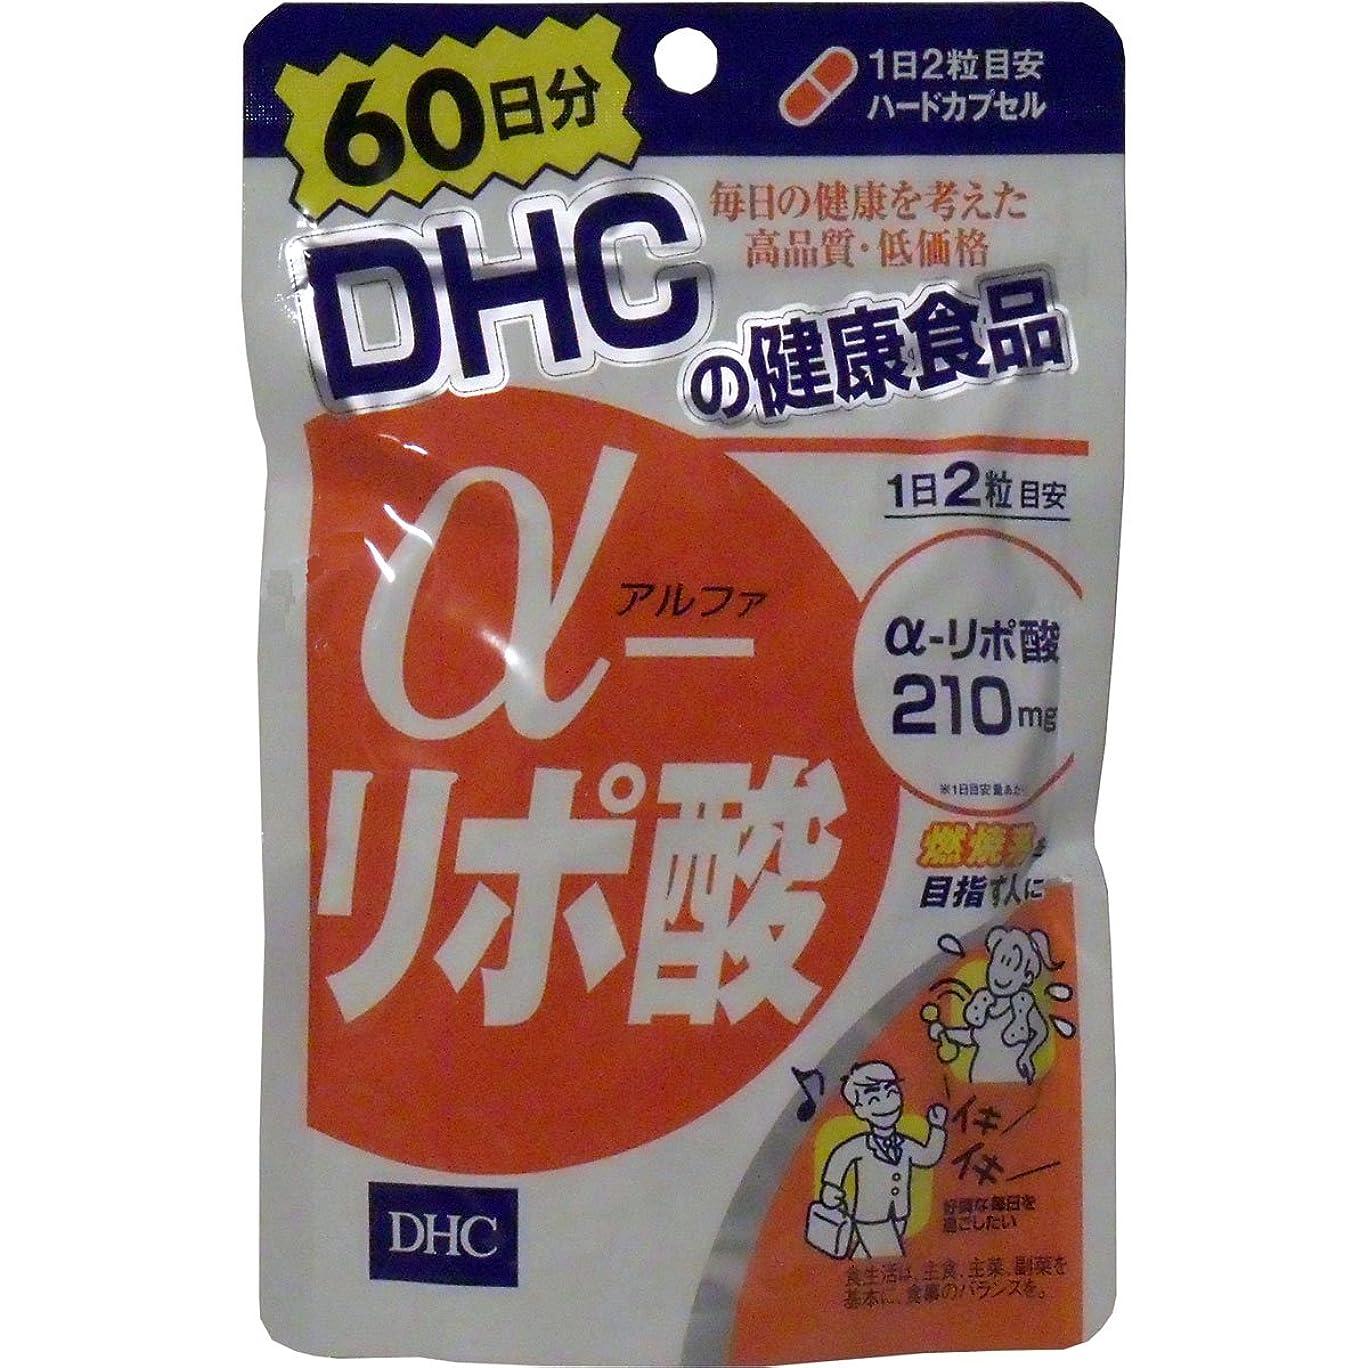 とげのある影響力のある特定のDHC α-リポ酸 α-リポ酸は、もともと体内にあるエネルギー活性成分 120粒 60日分 【2個セット】